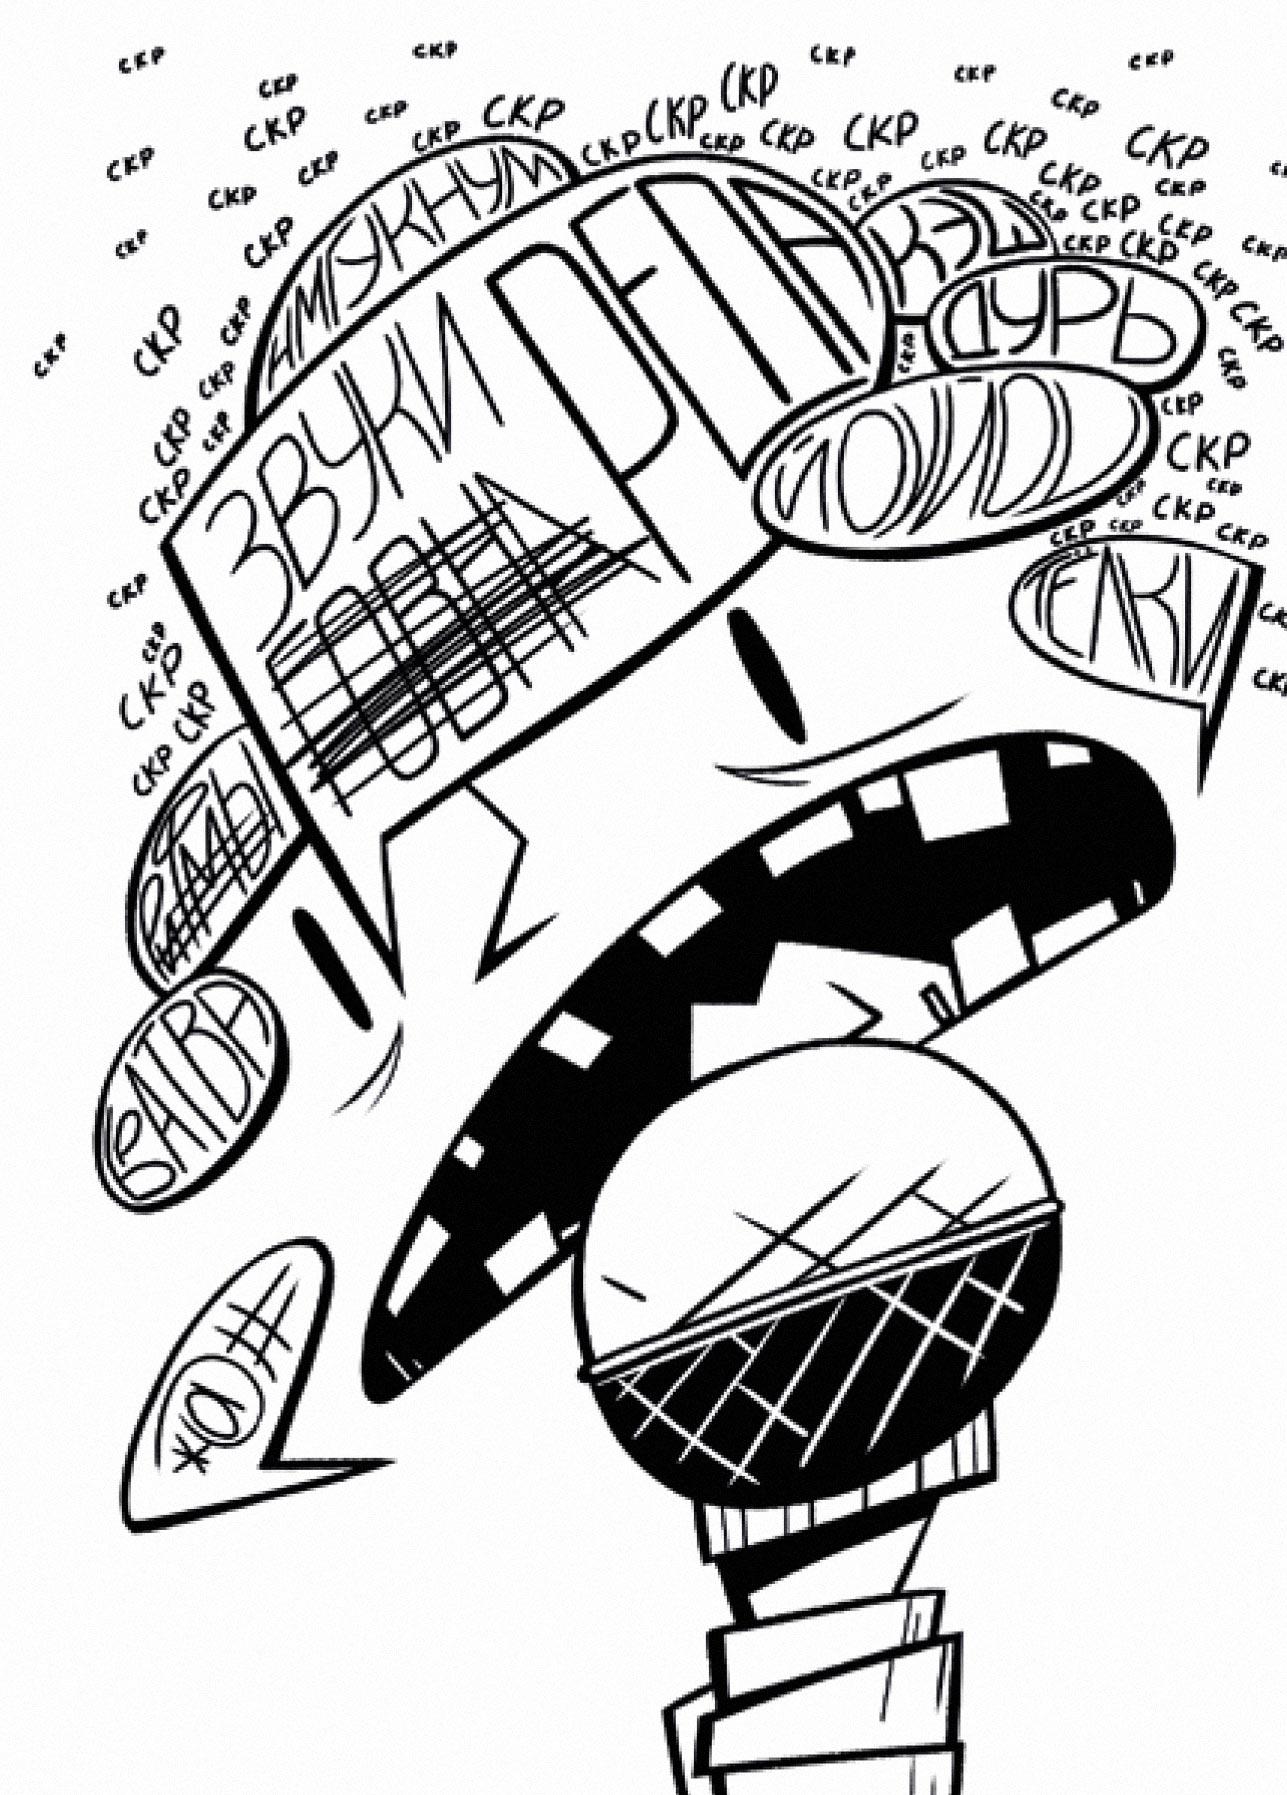 gon18 2 - <b>«Колония муравьев», Джо Сакко и шутки создательницы «Коня БоДжека»</b> – обзор комиксов от Катерины Сергацковой - Заборона